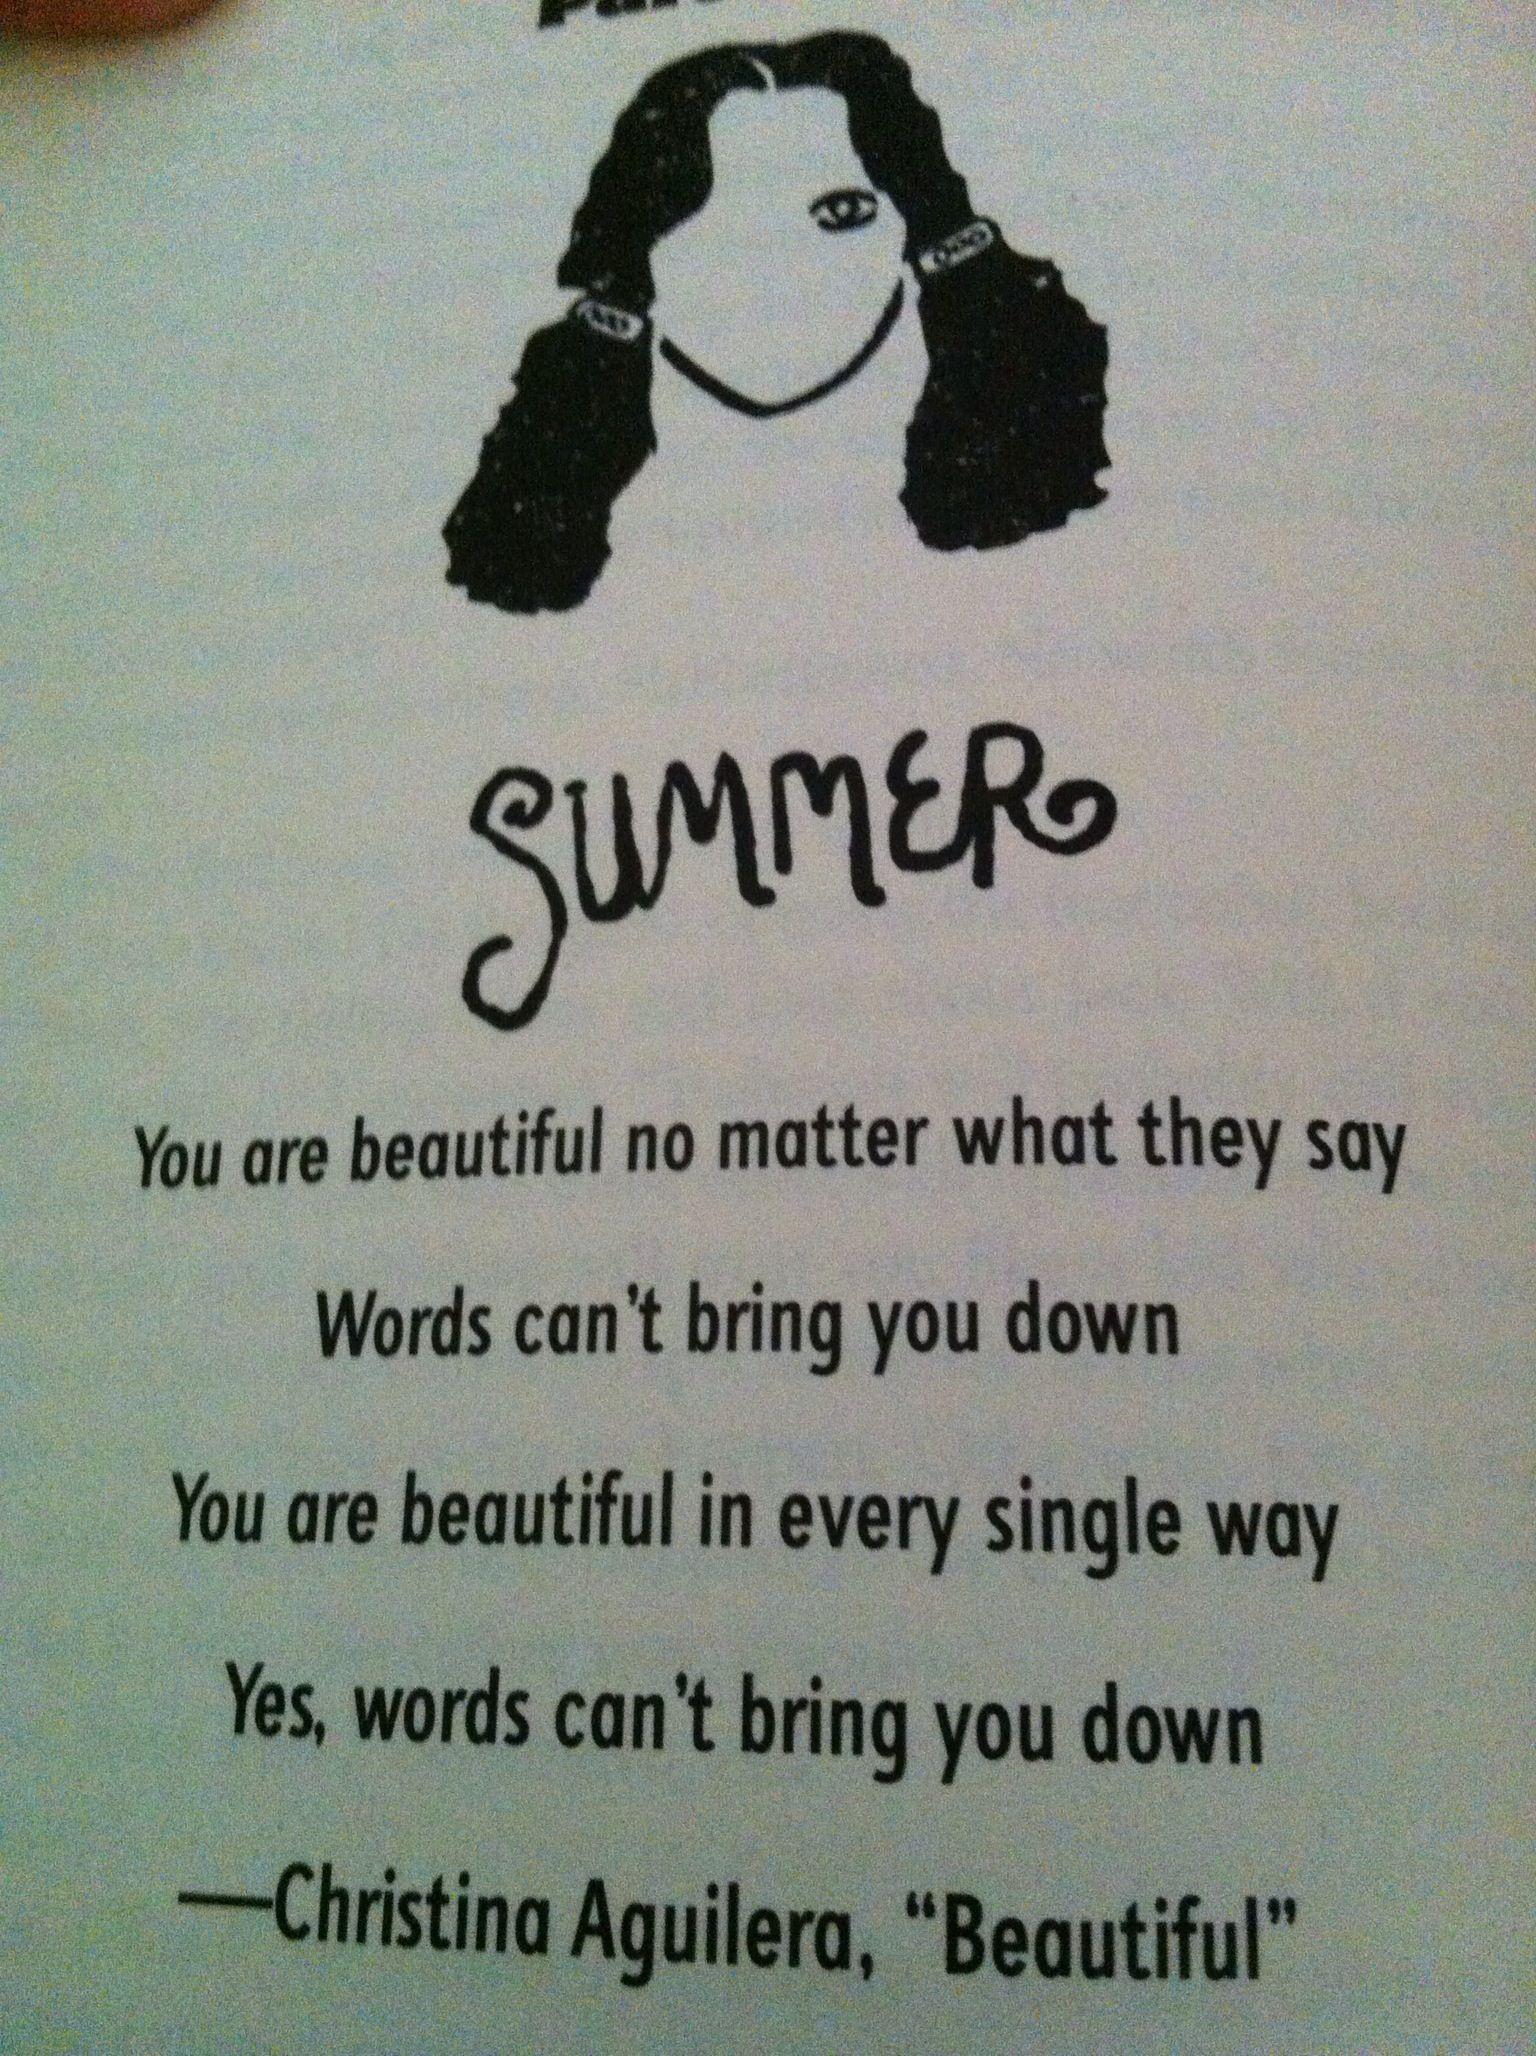 Quotes From Wonder Book Wonderr.jpalacio  Wunder  Raquel Palacio  Pinterest